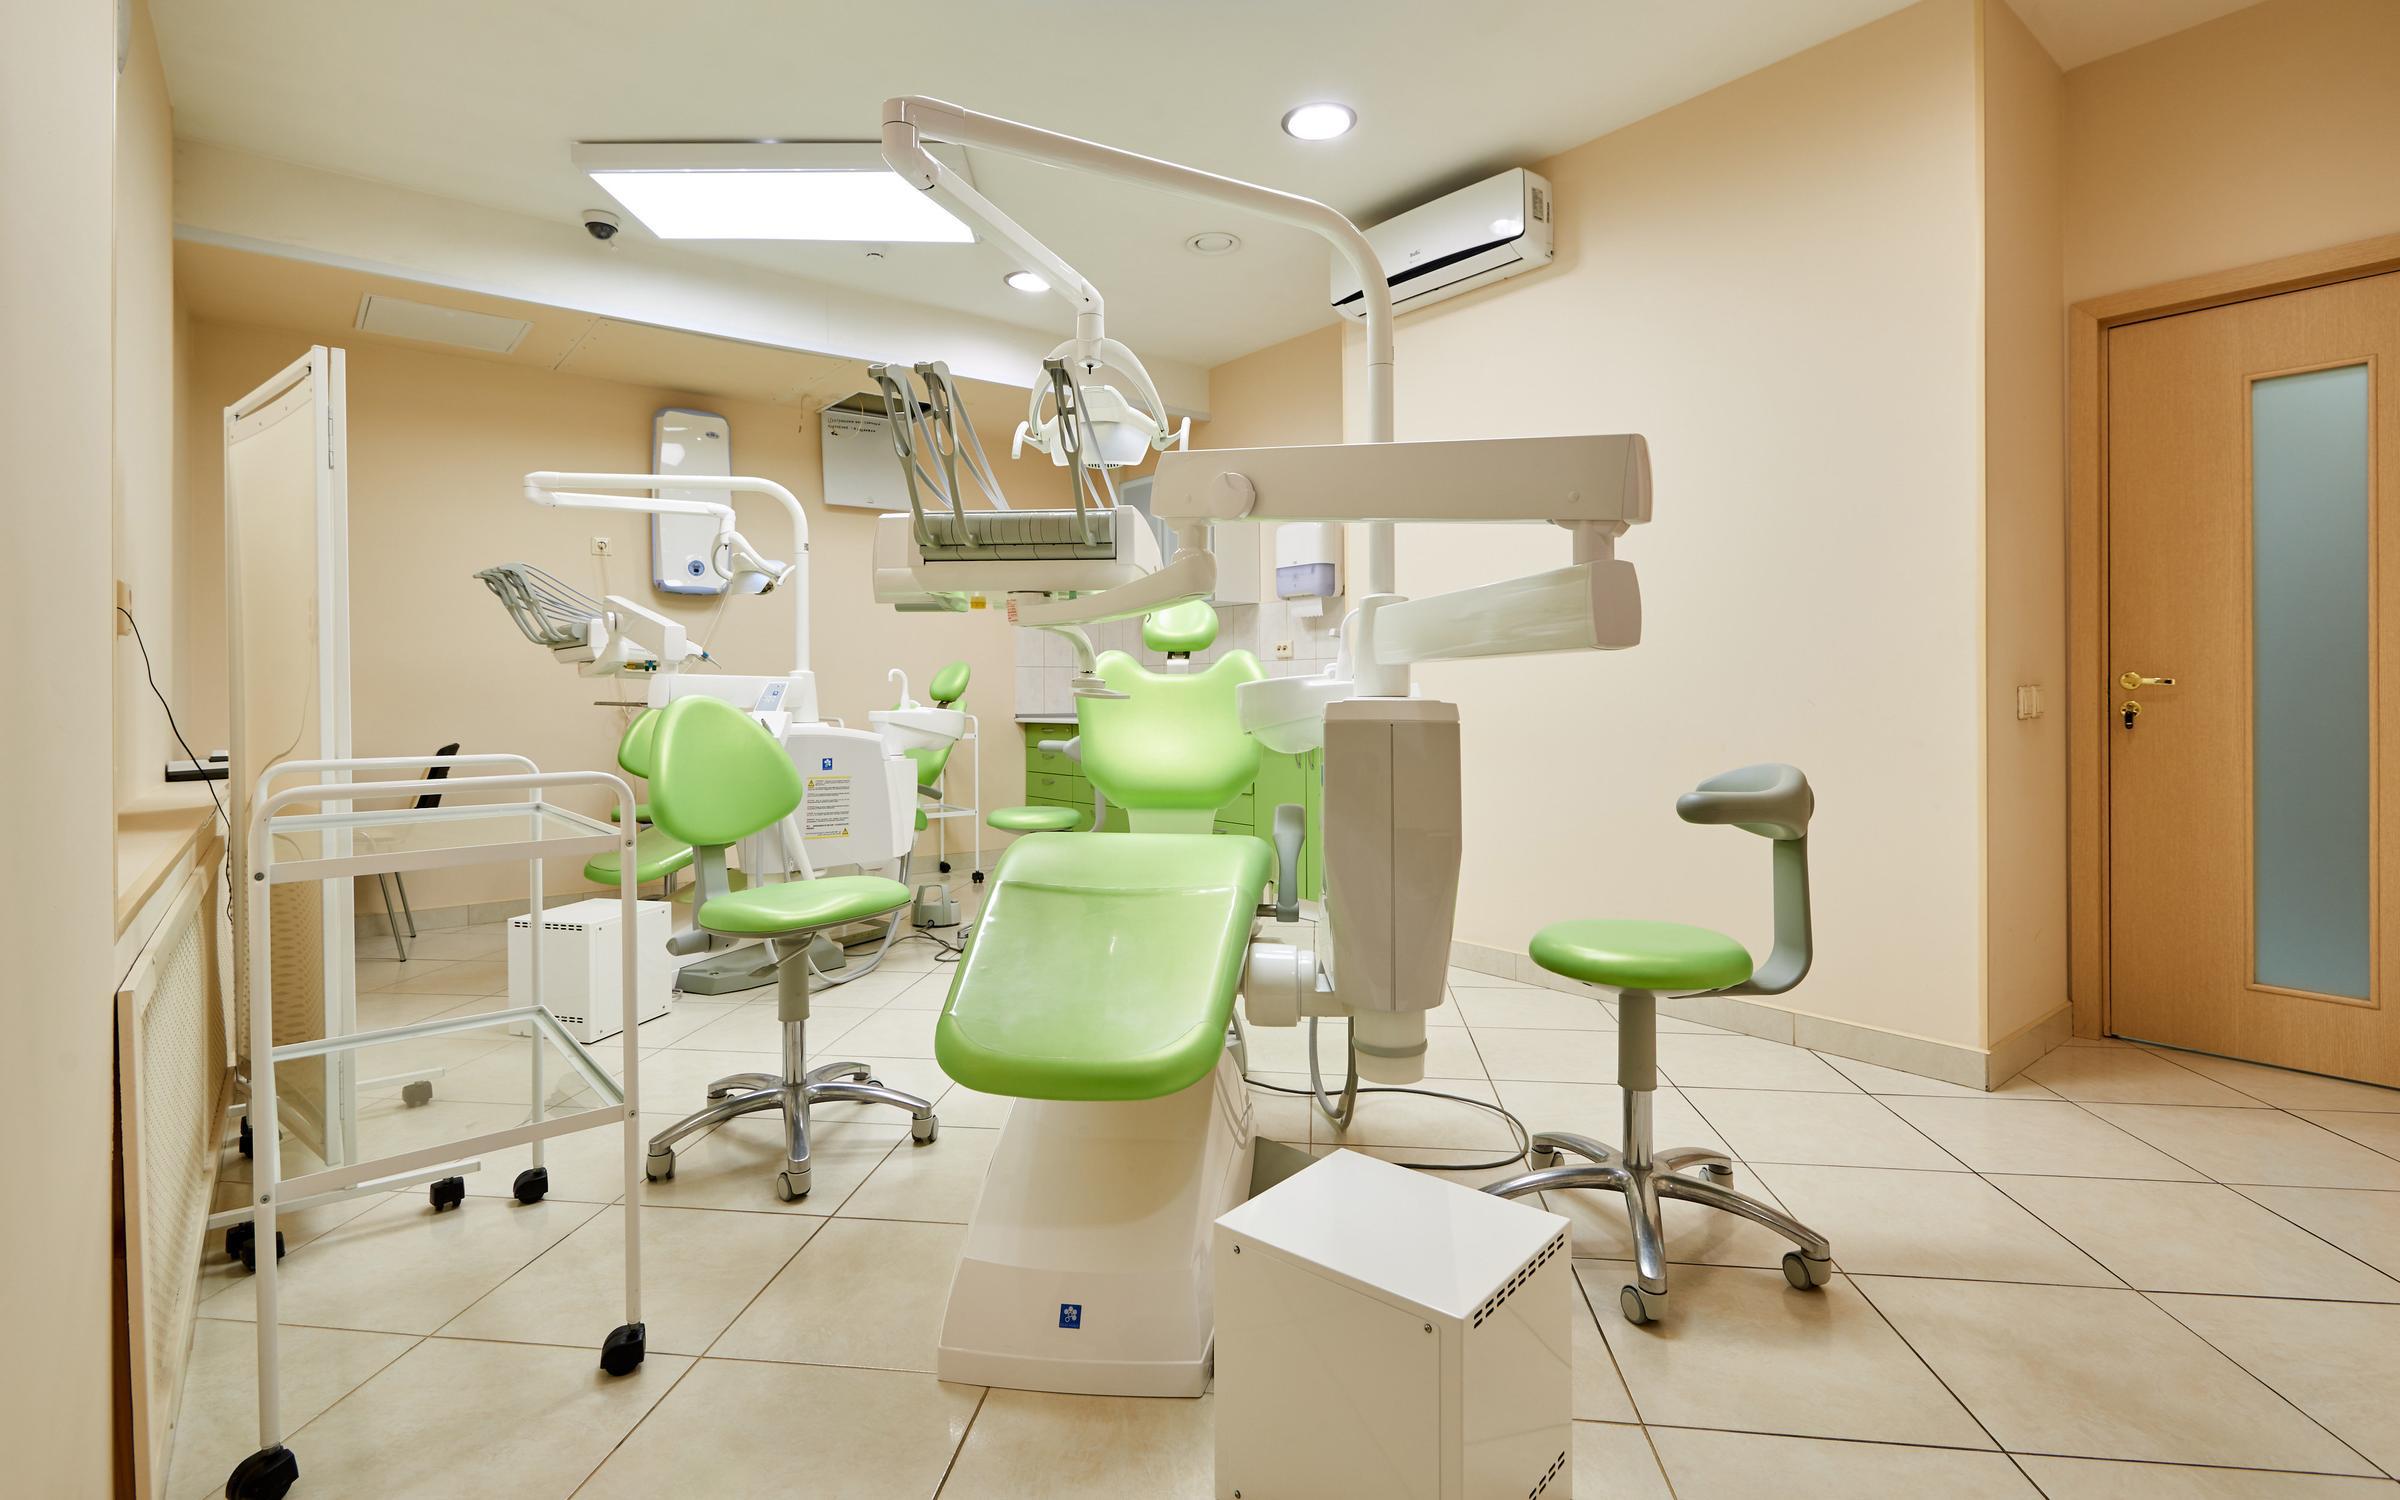 фотография Центра имплантации и стоматологии ИНТАН на Варшавской улице